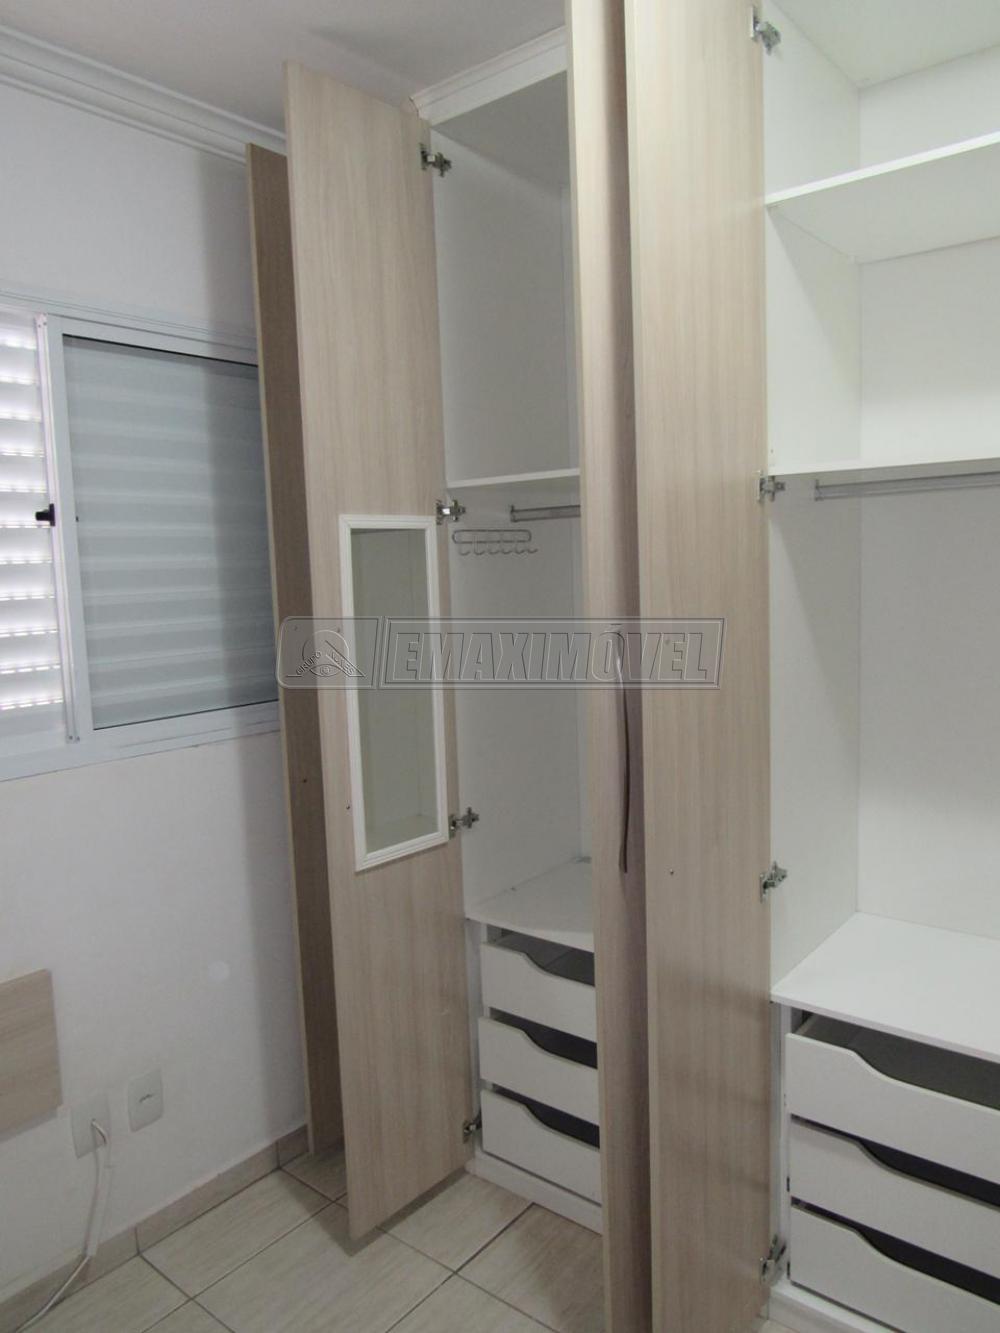 Comprar Apartamento / Padrão em Sorocaba R$ 255.000,00 - Foto 11